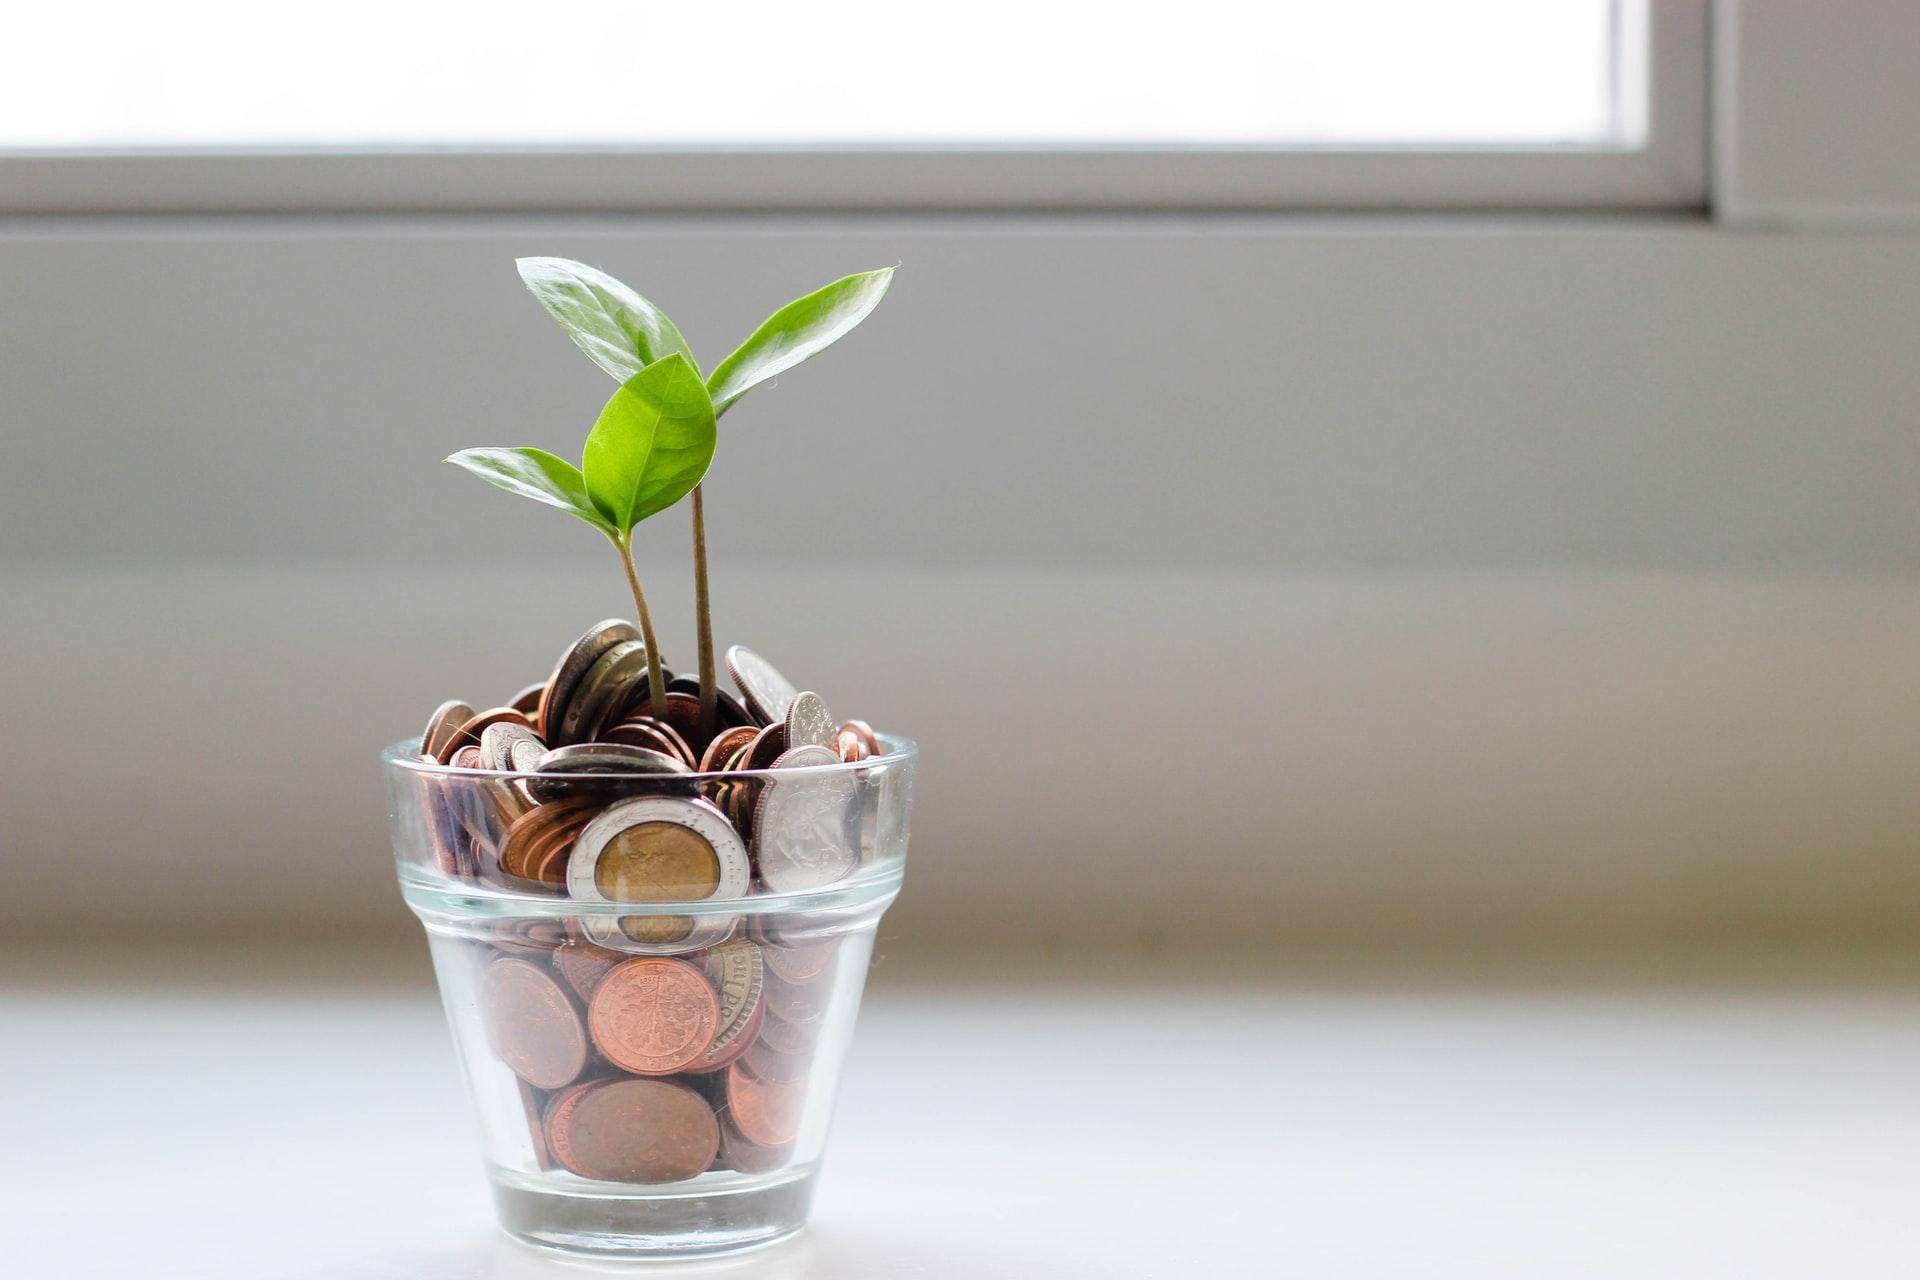 Fotografia di un vasetto di monete da cui cresce una piantina